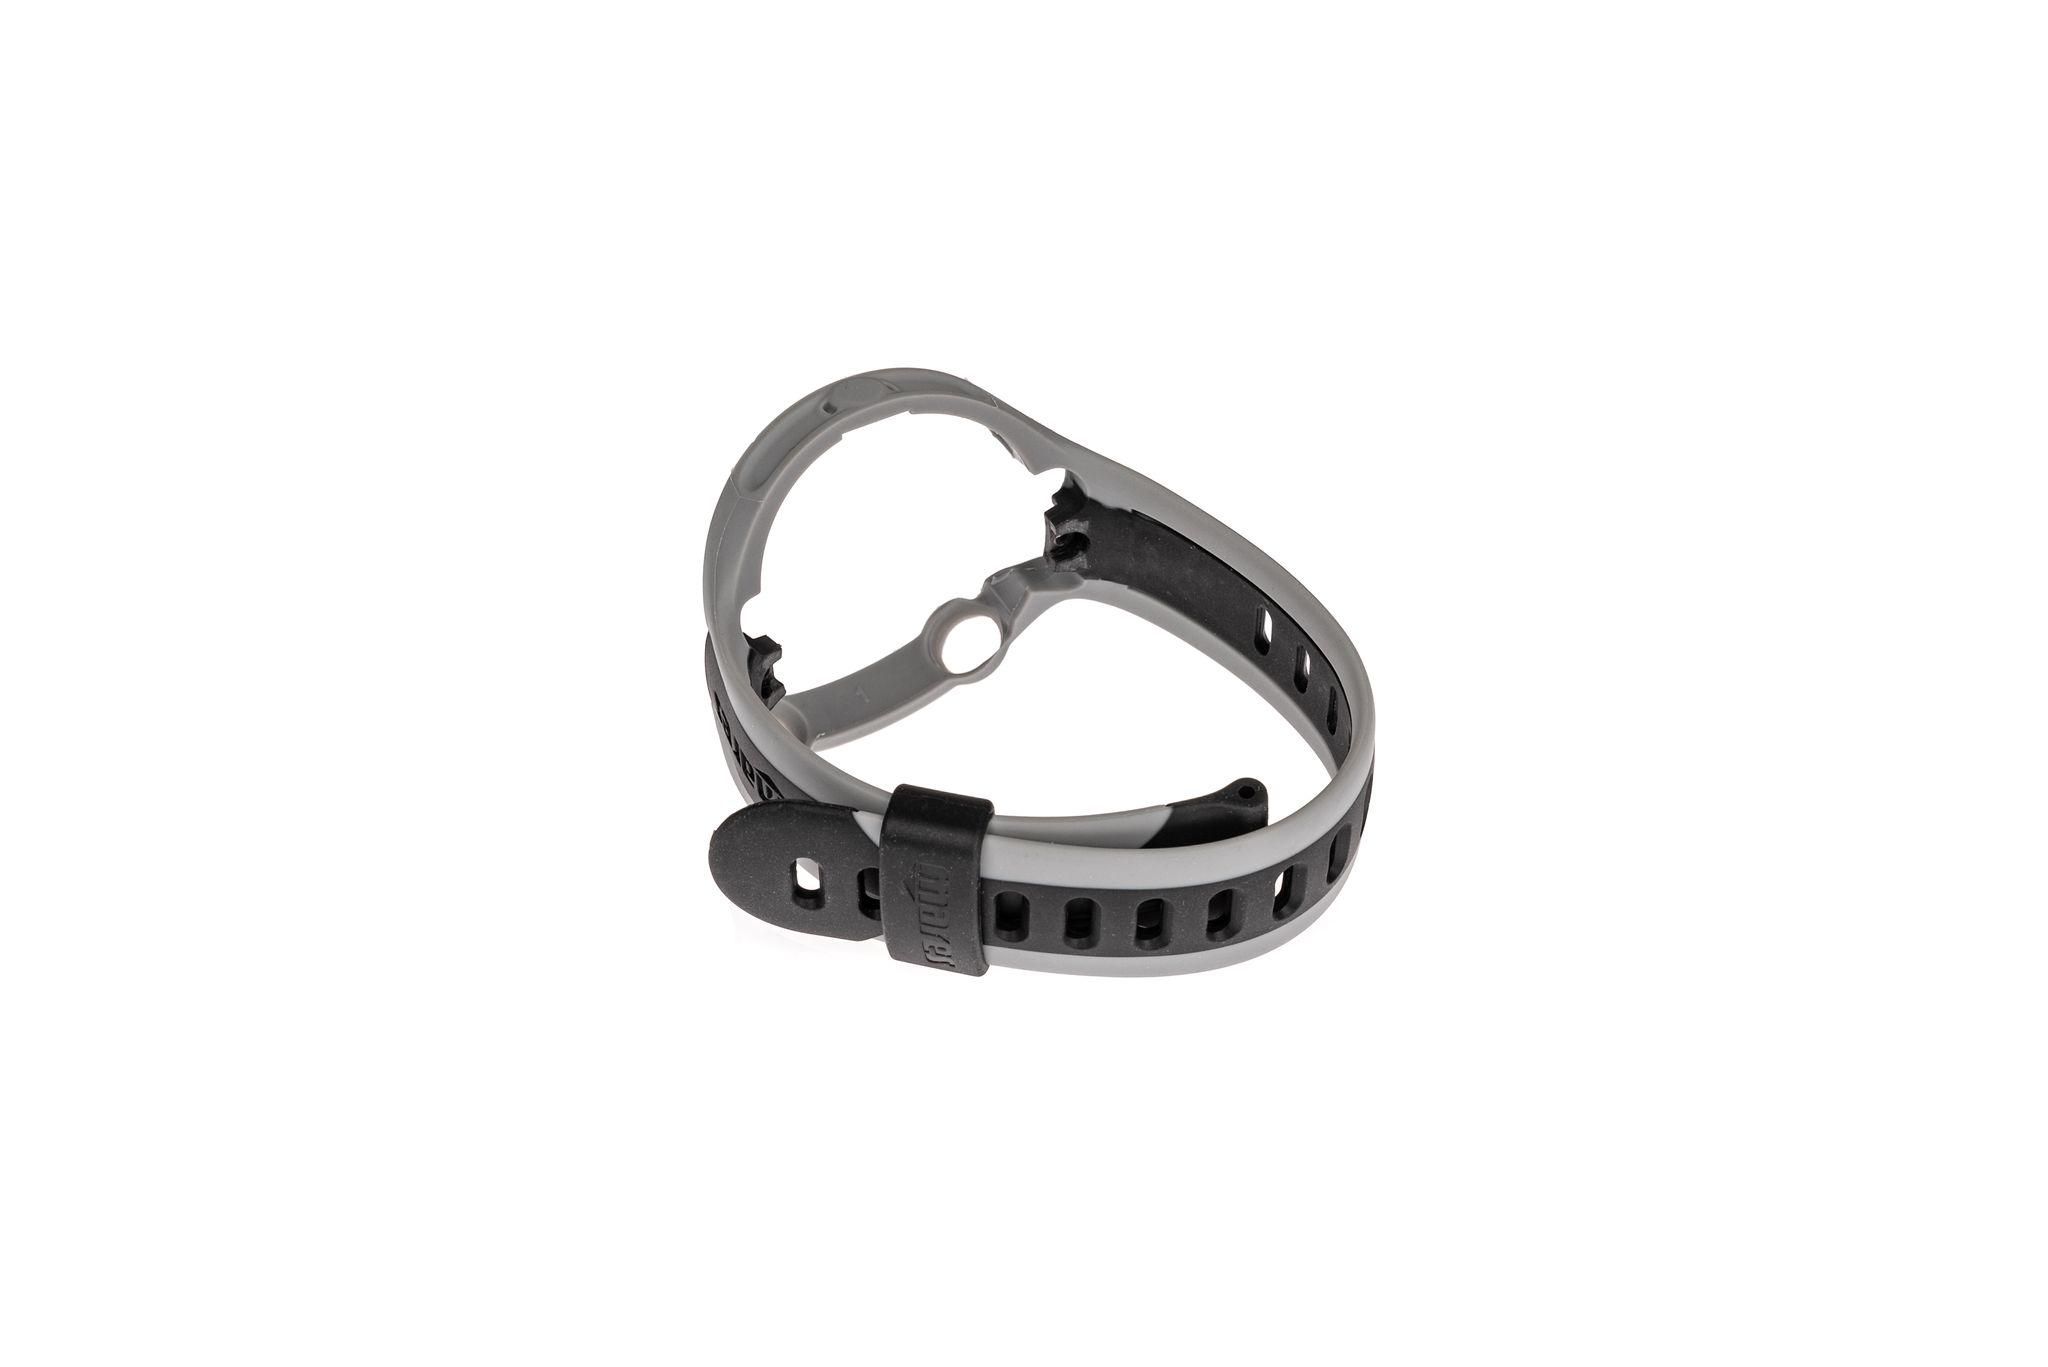 Simast: cinturino per orologio/tracker sportivo. Prodotti in materiale plastico personalizzati per lo sport.